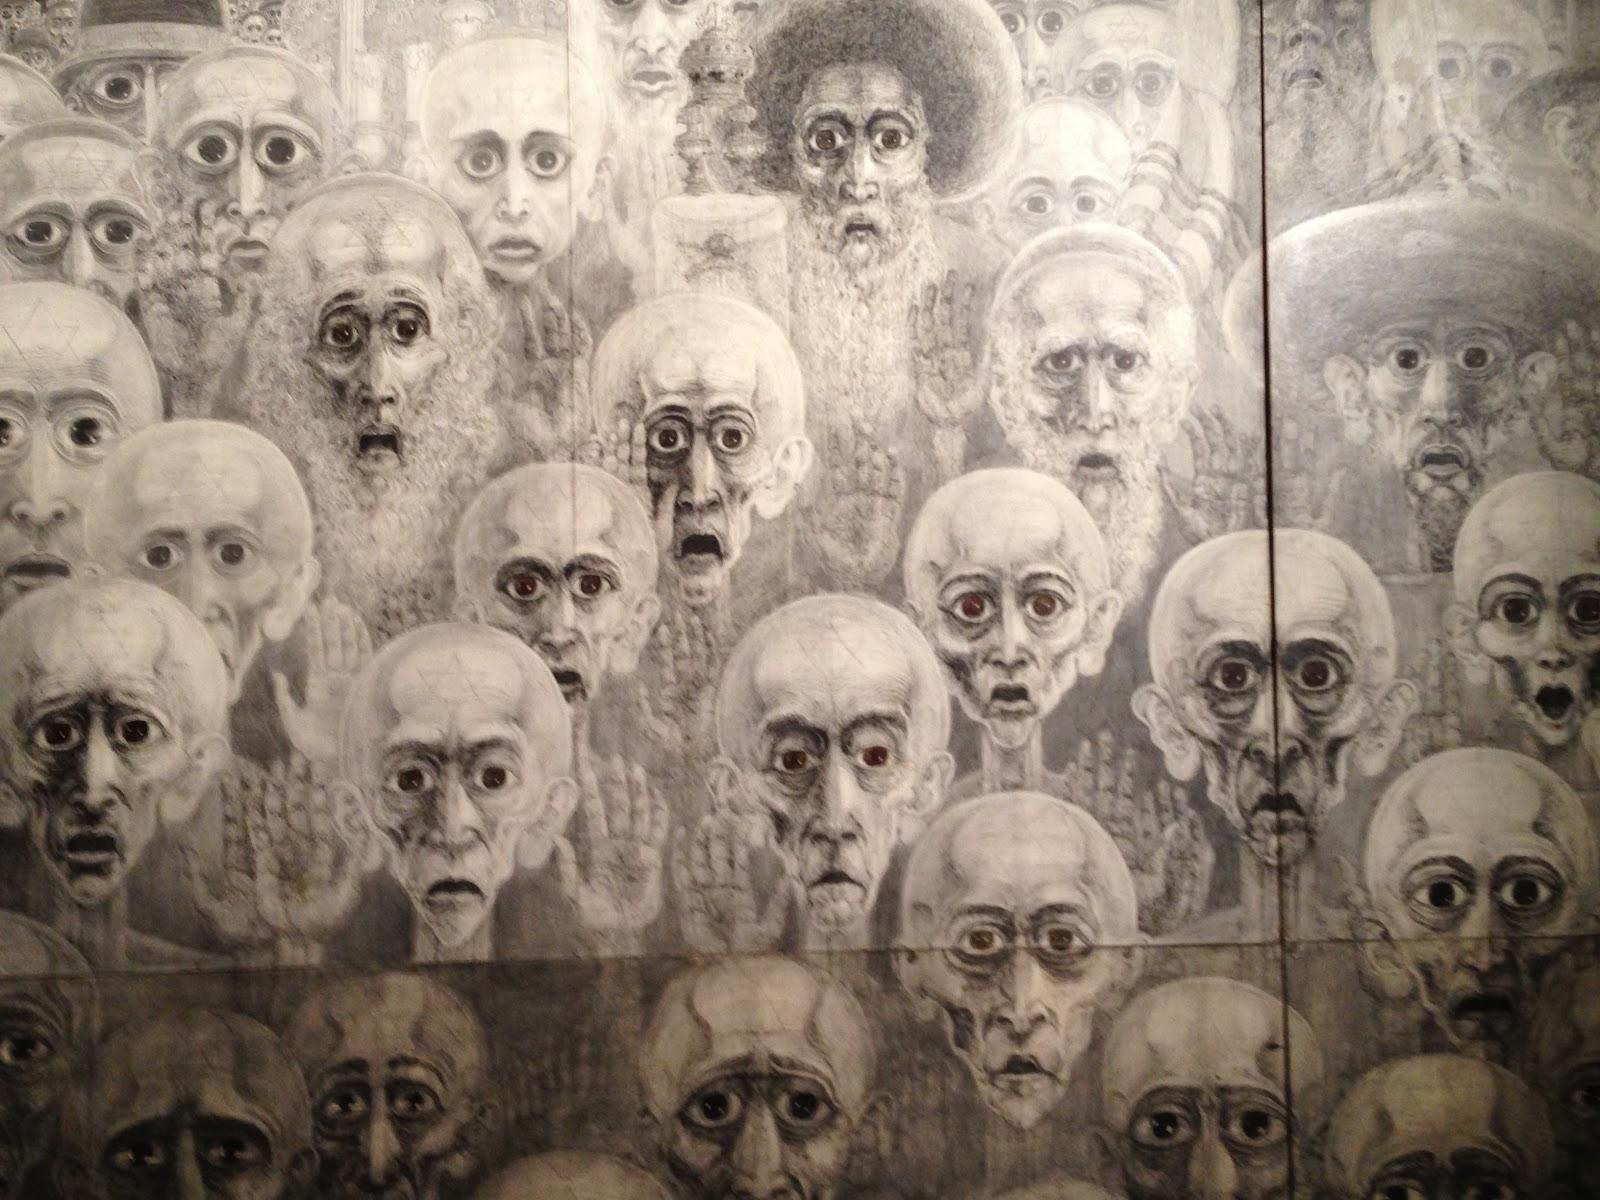 Iona College Religious Studies DepartmentFamous Disturbing Art